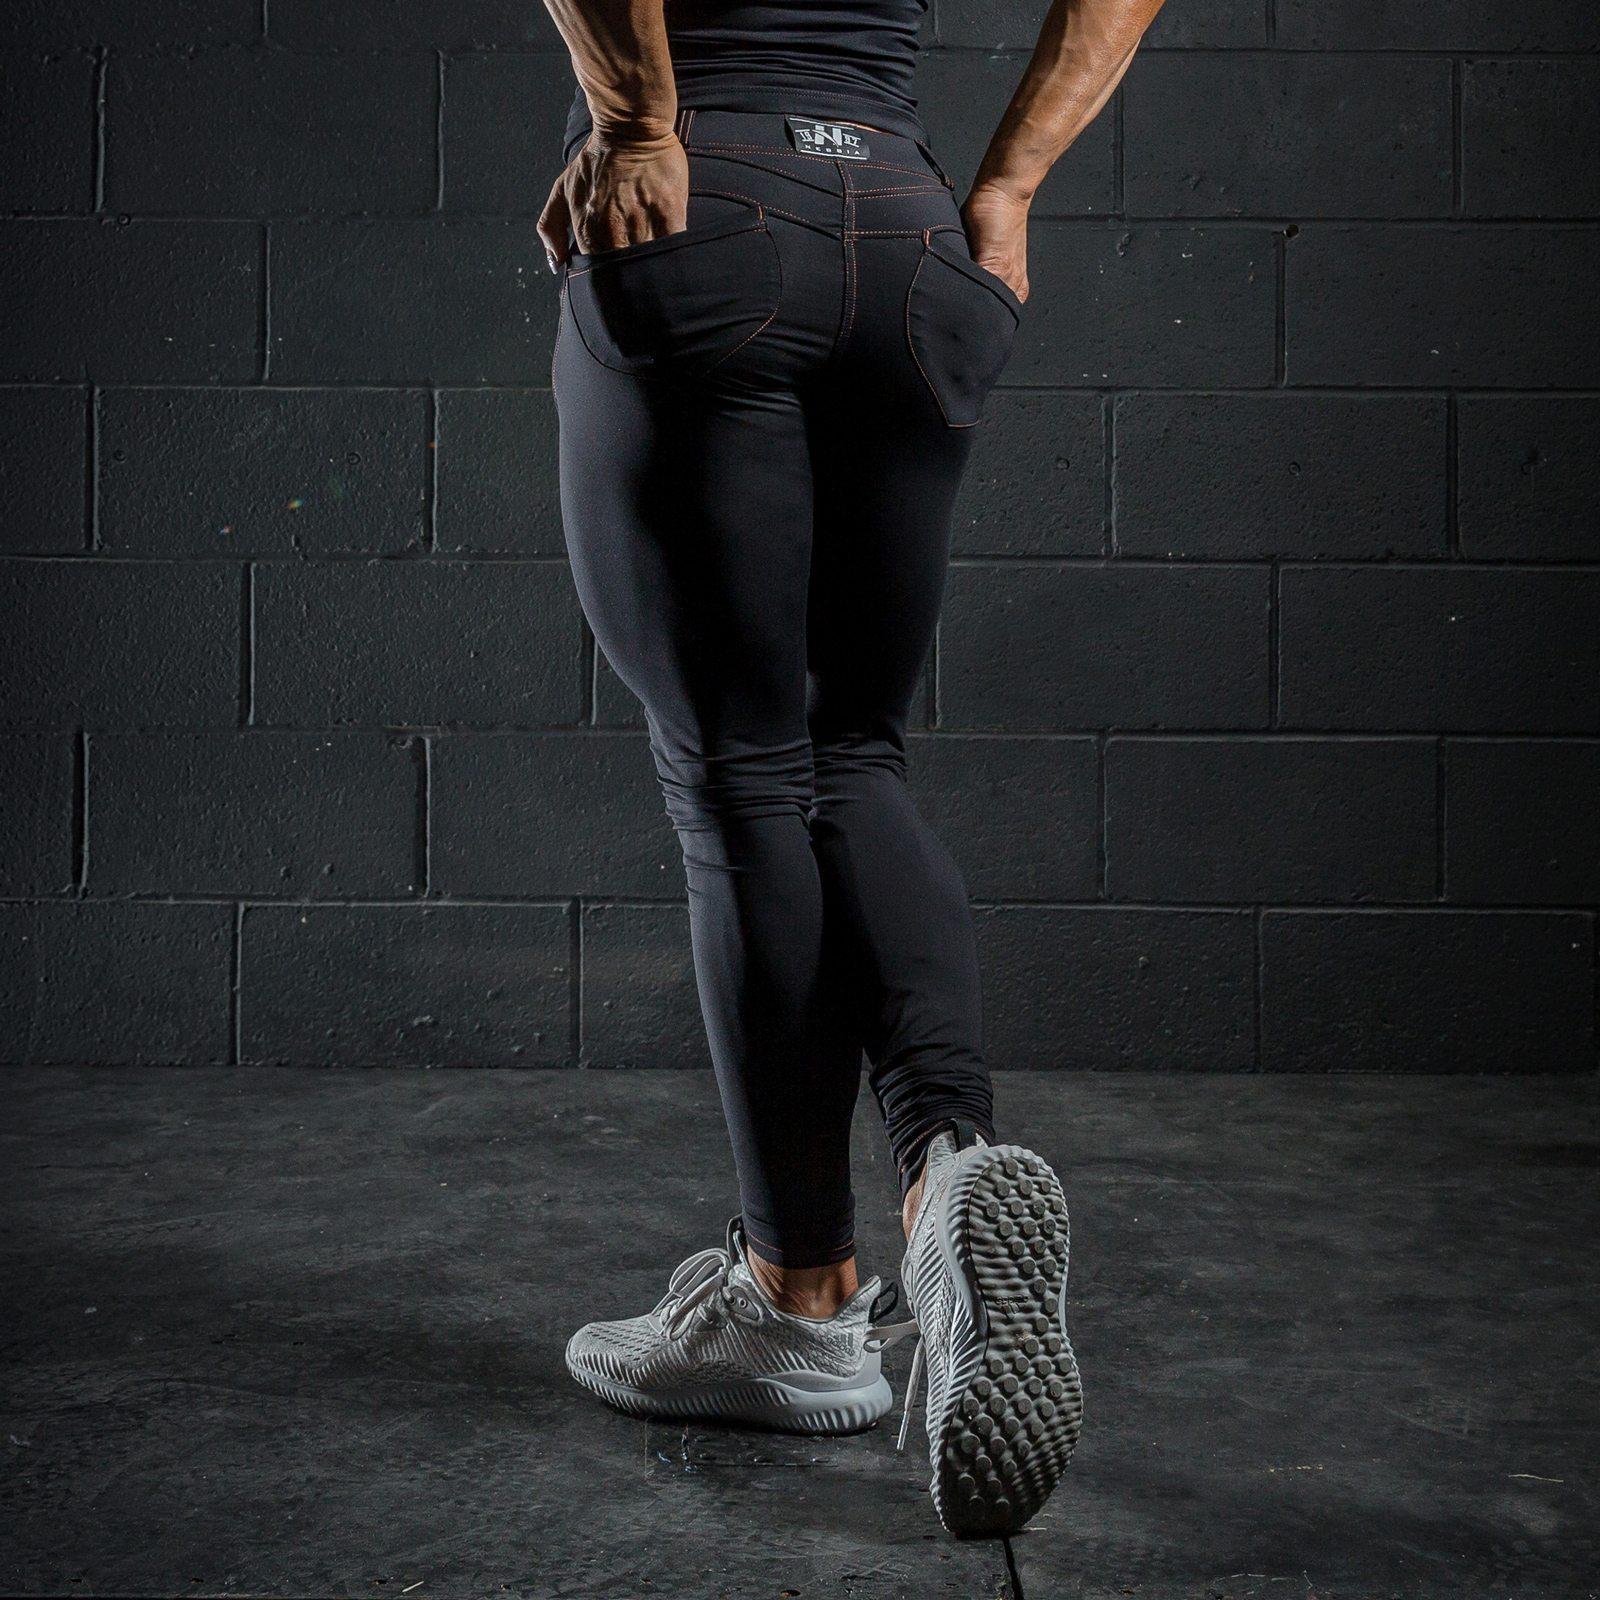 push-up broek zwart nebbia bubble butt pants revolution zwart achterkant